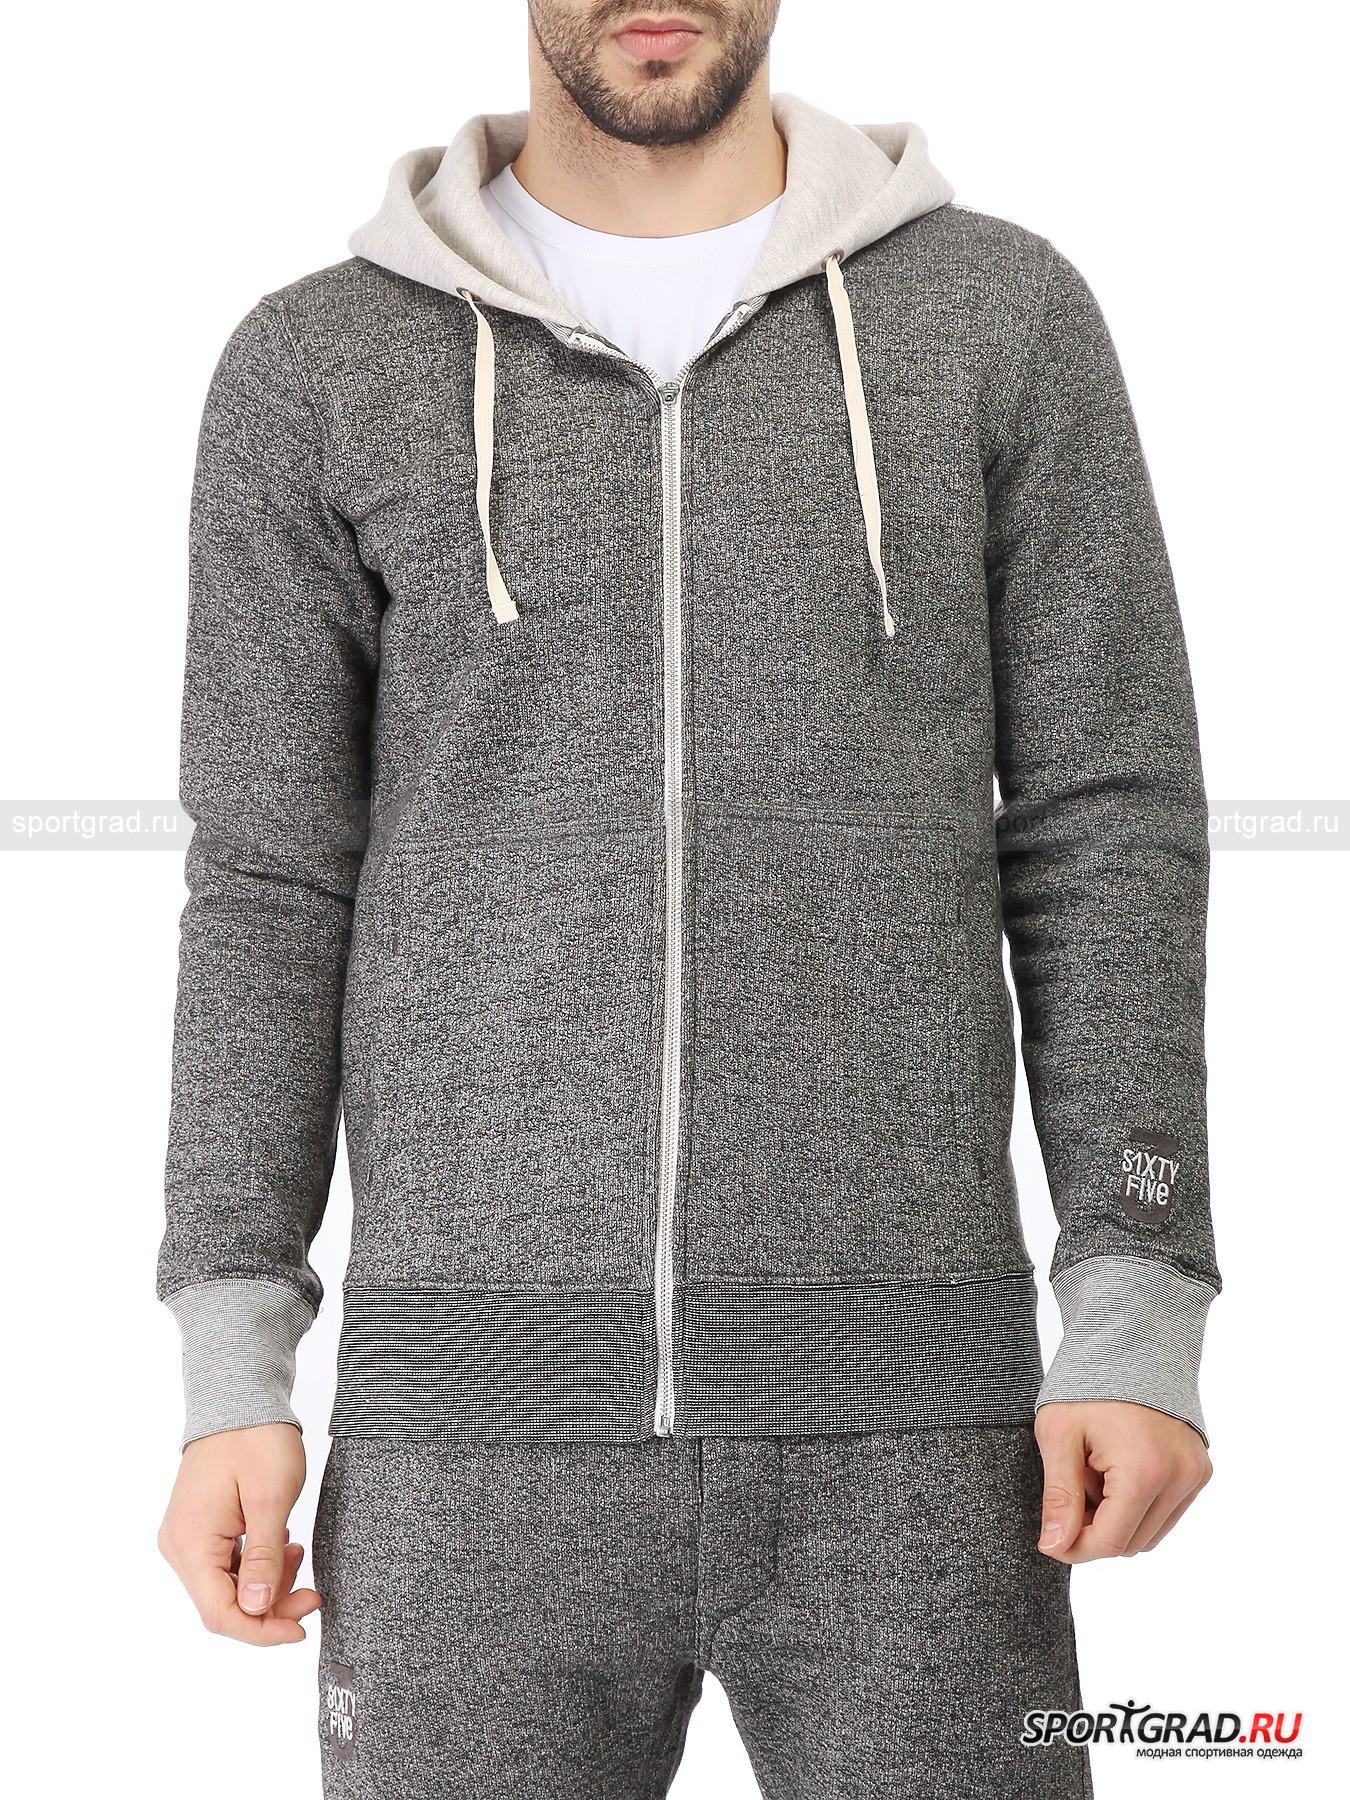 Толстовка мужская Hood Zip Sweater Logo 3SIXTYFIVEТолстовки<br>Мужская толстовка Hood Zip Sweater Logo 3SIXTYFIVE отлично подходит для прохладного времени года. Плотный материал изготовления сочетается с внутренней отделкой мелким ворсом: это позволяет лучше сохранять тепло собственного тела в непогоду. Стильный и универсальный предмет гардероба отлично вписывается в популярный уличный стиль одежды и подойдет для повседневной носки. Меланжевая расцветка придает модели дополнительной привлекательности.<br><br>•Удобный капюшон с утяжками<br>•Два поясных кармана<br>•Манжеты рукавов оснащены широкой резинкой<br>•Фирменный логотип компании на левом рукаве<br><br>Пол: Мужской<br>Возраст: Взрослый<br>Тип: Толстовки<br>Рекомендации по уходу: Деликатная стирка при 30С, не отбеливать, не сушить в барабане стиральной машины, гладить при температуре не выше 110С, химчистка разрешена.<br>Состав: 50% хлопок, 35% полиэстер, 15% вискоза